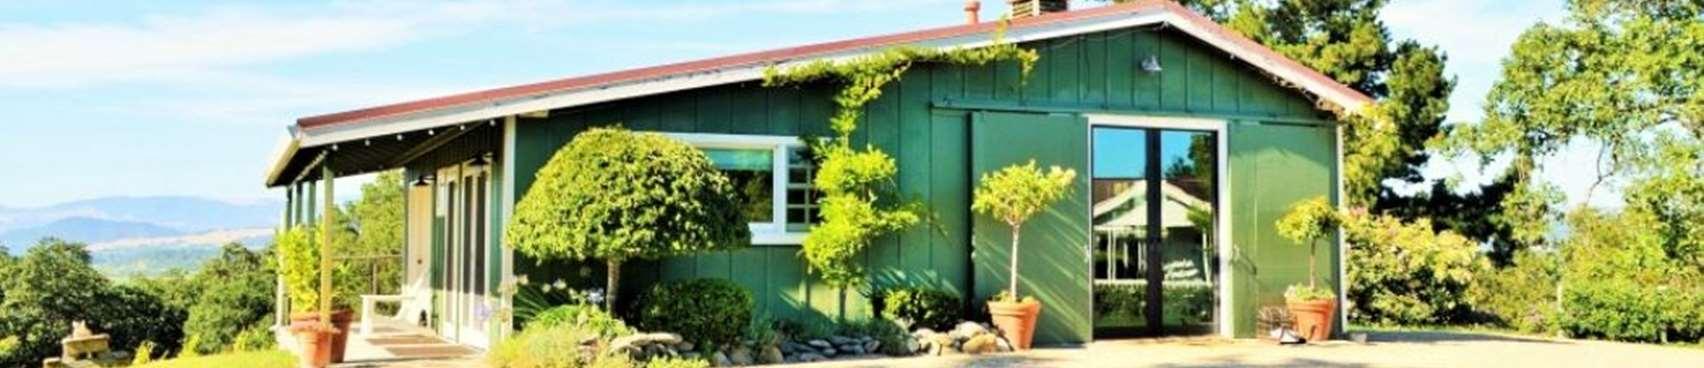 A image of Wren Hop Vineyards